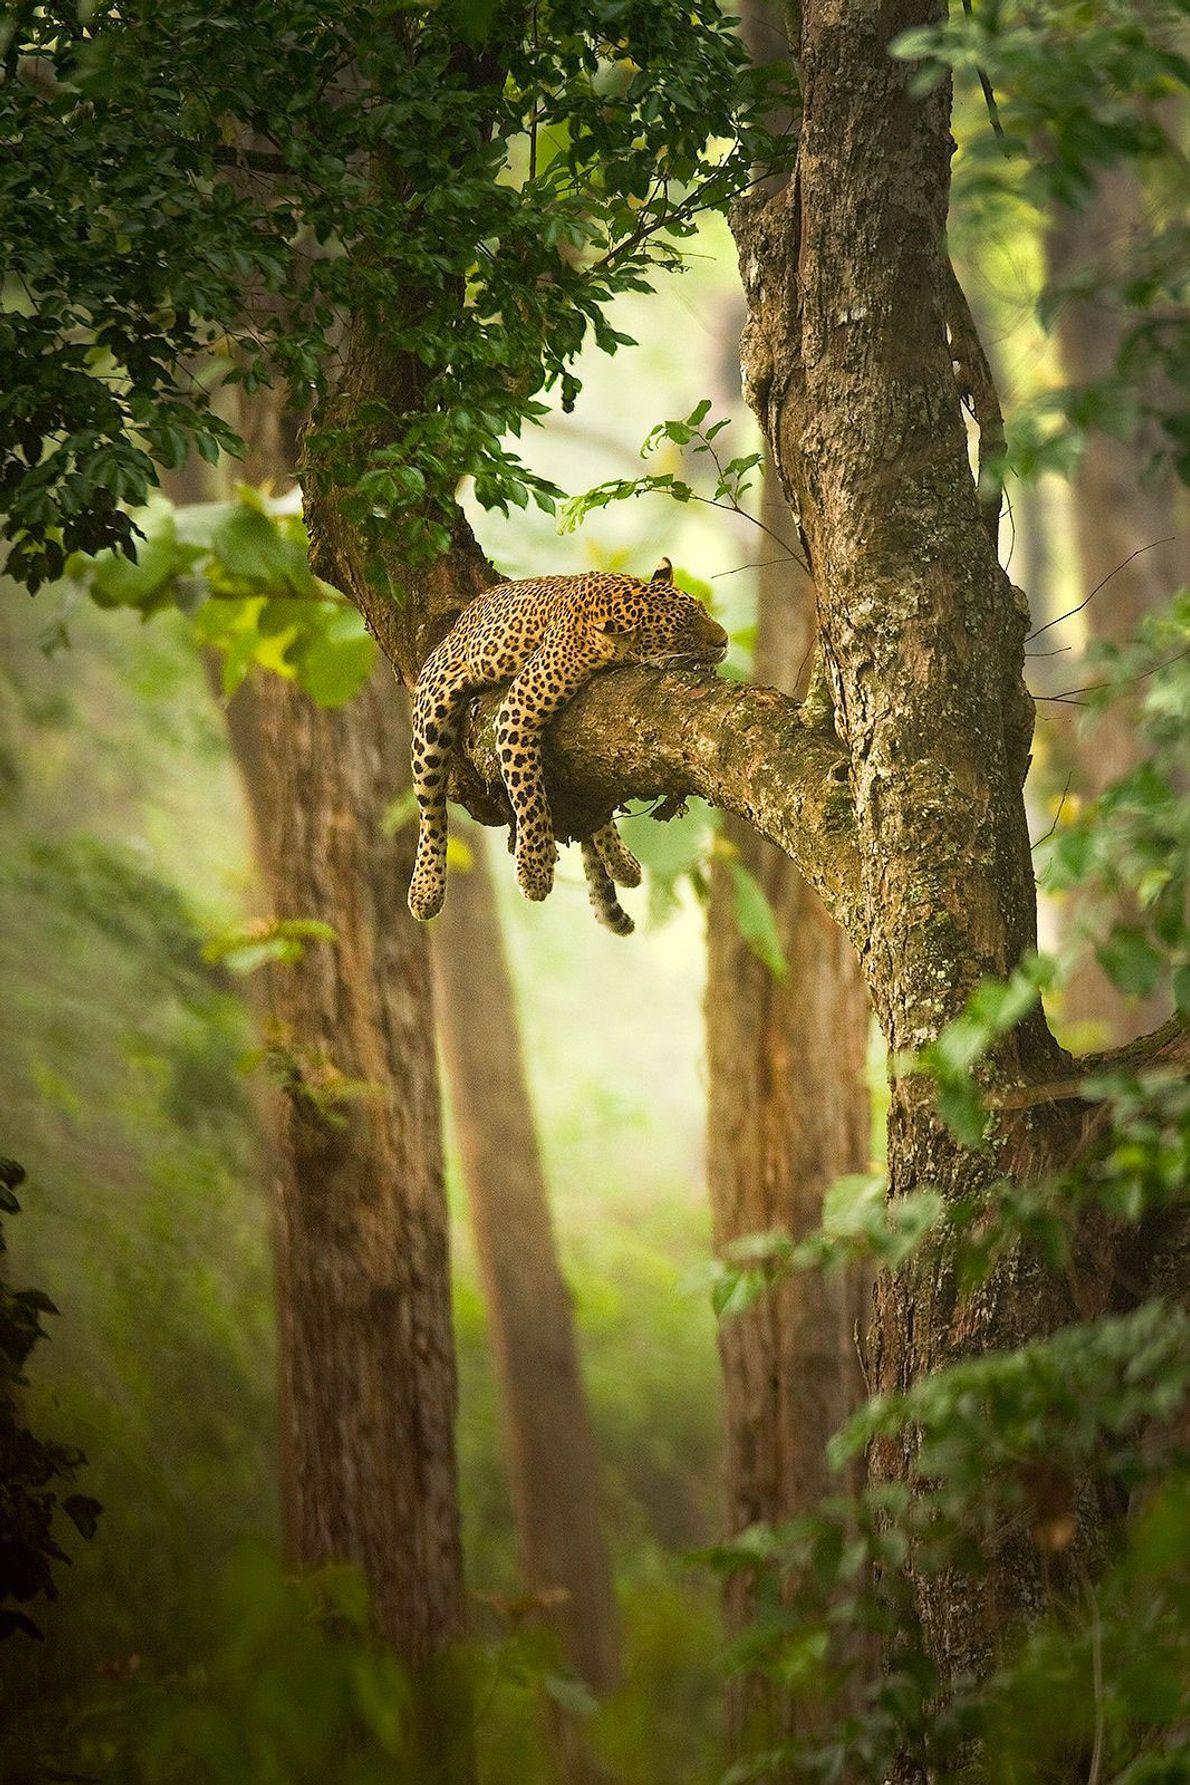 A slumbering leopard drapes itself across a tree branch.